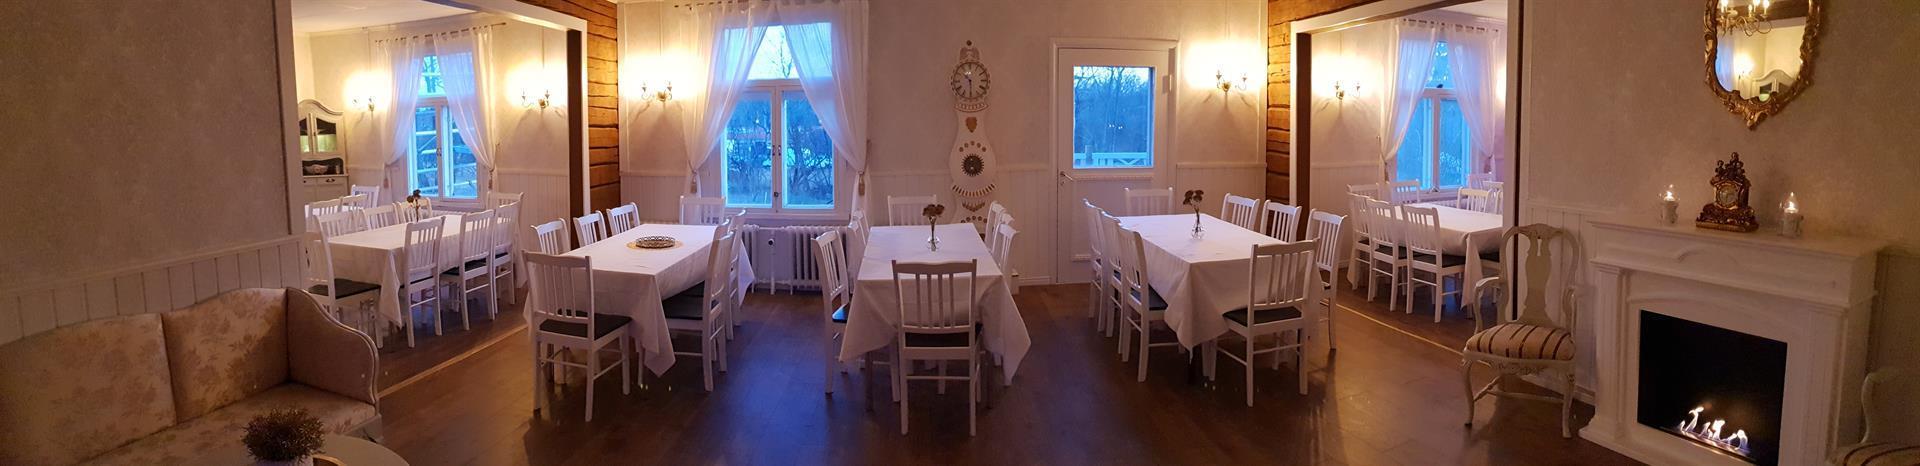 Villa Hannus juhlasali